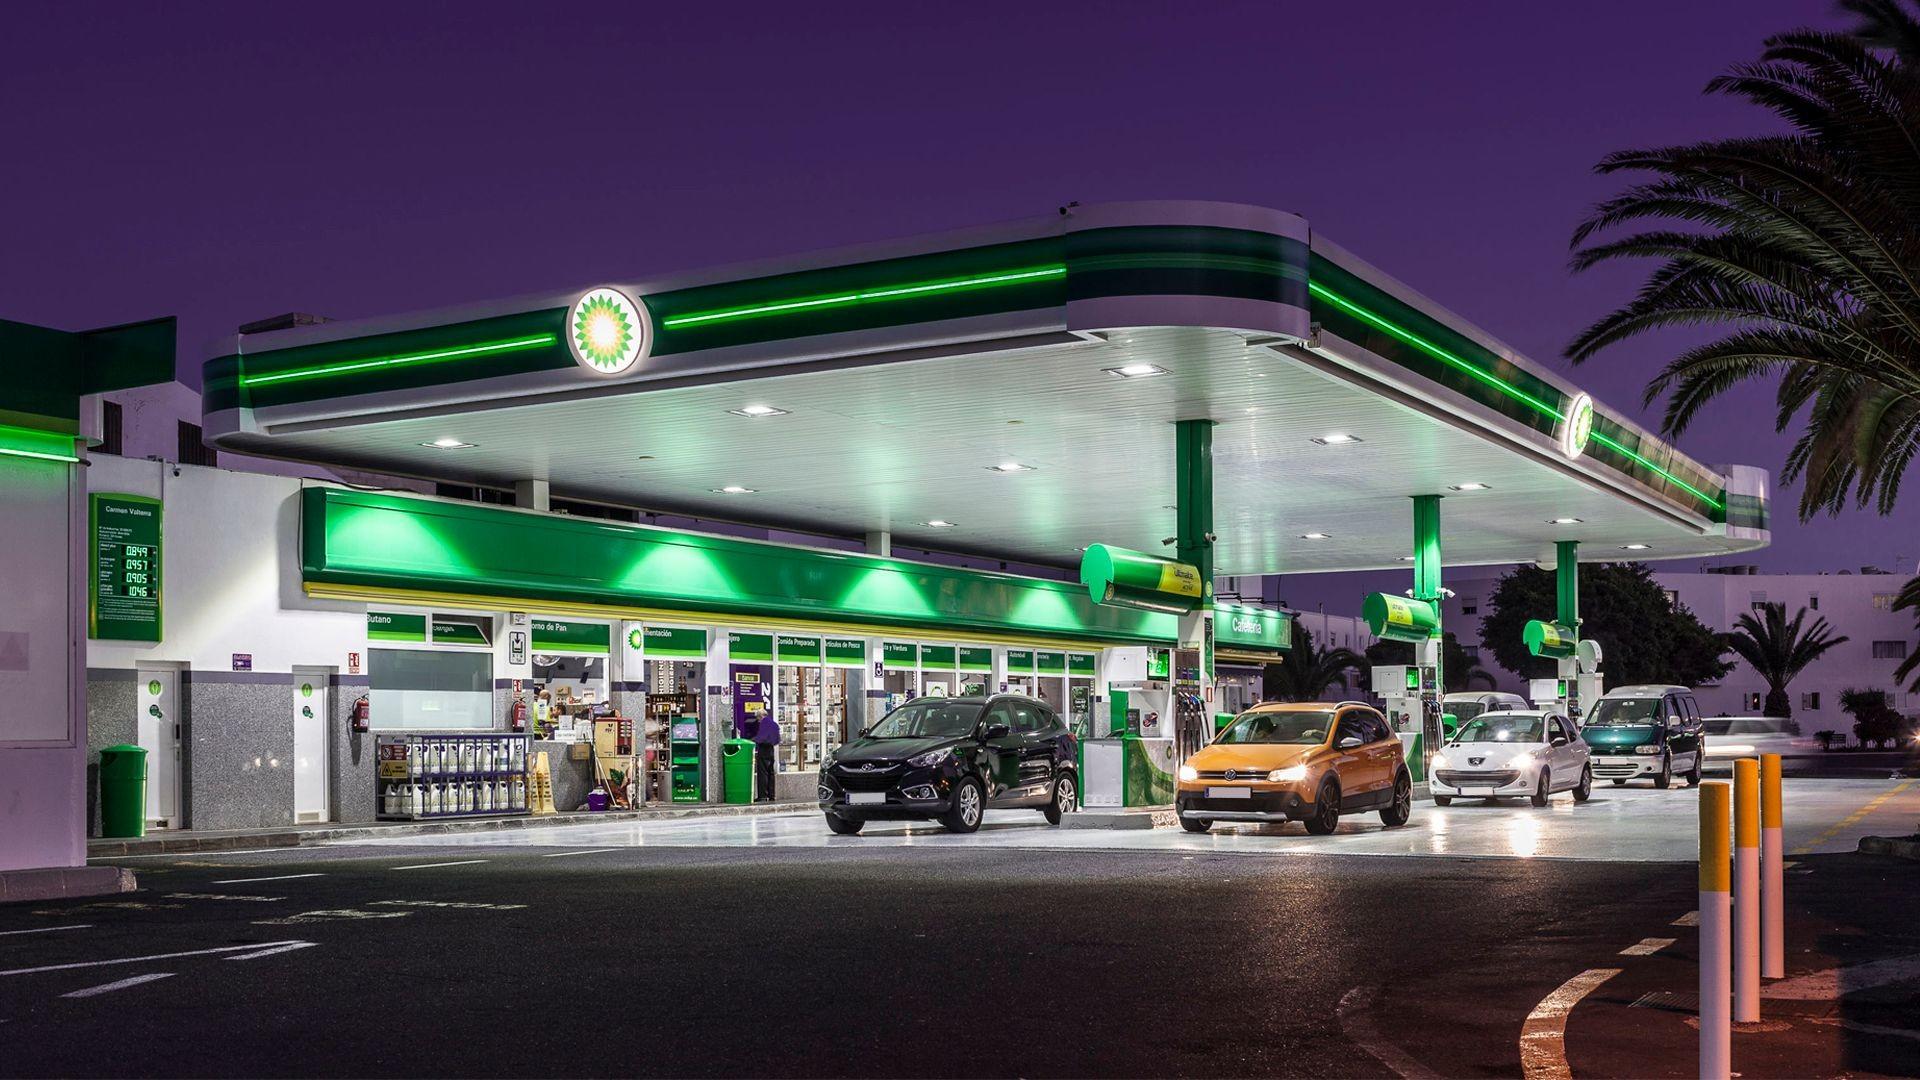 Gasolinera 24 horas en Arrecife